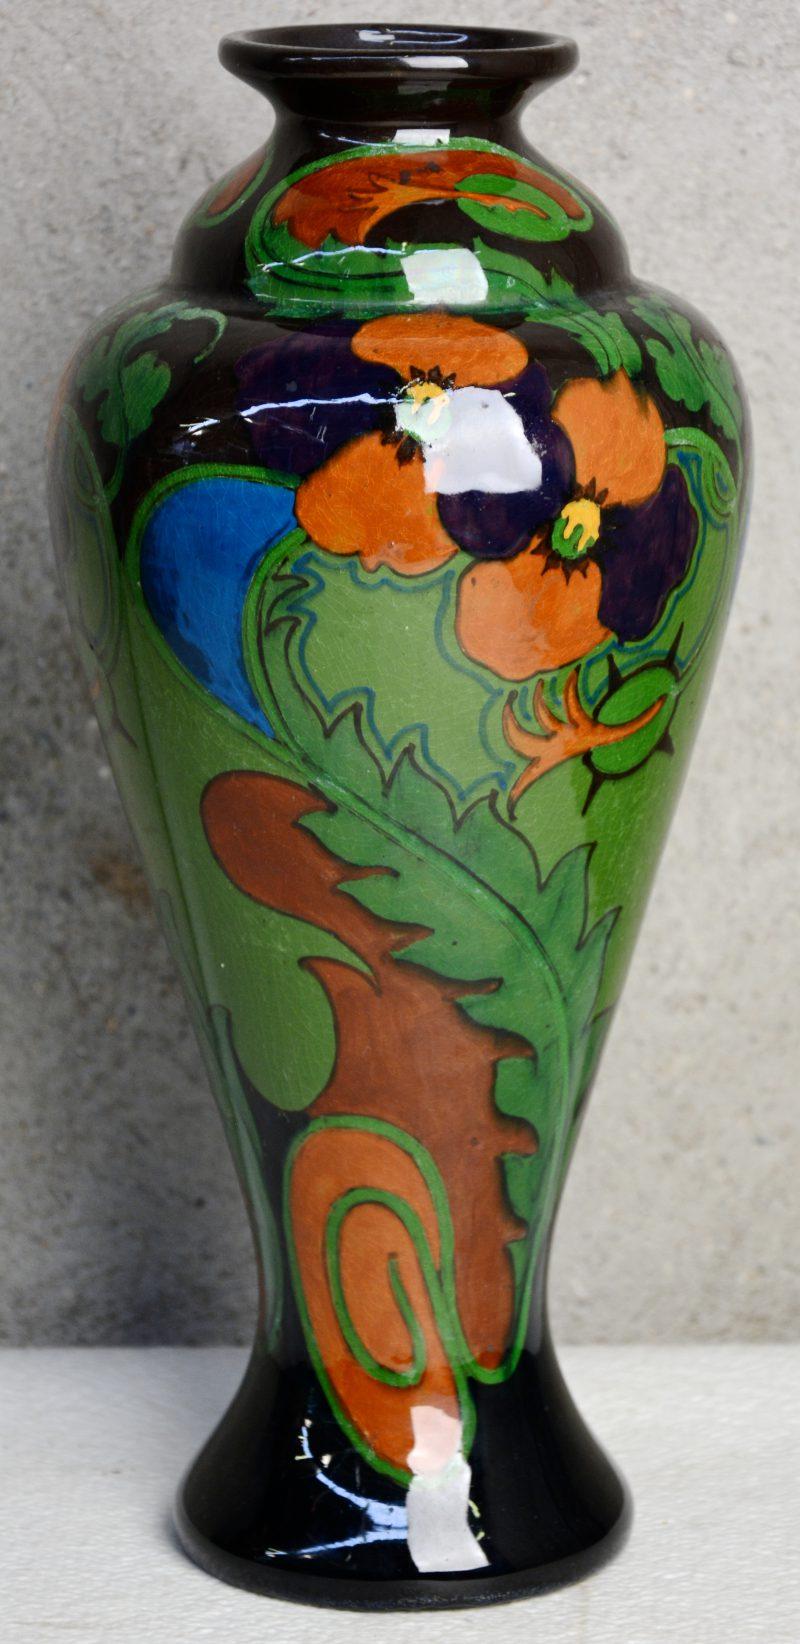 Een vaas van Gouds glansplateel met meerkleurig bloemendecor no. 280. Onderaan gemerkt. Jaarteken 1954(?).